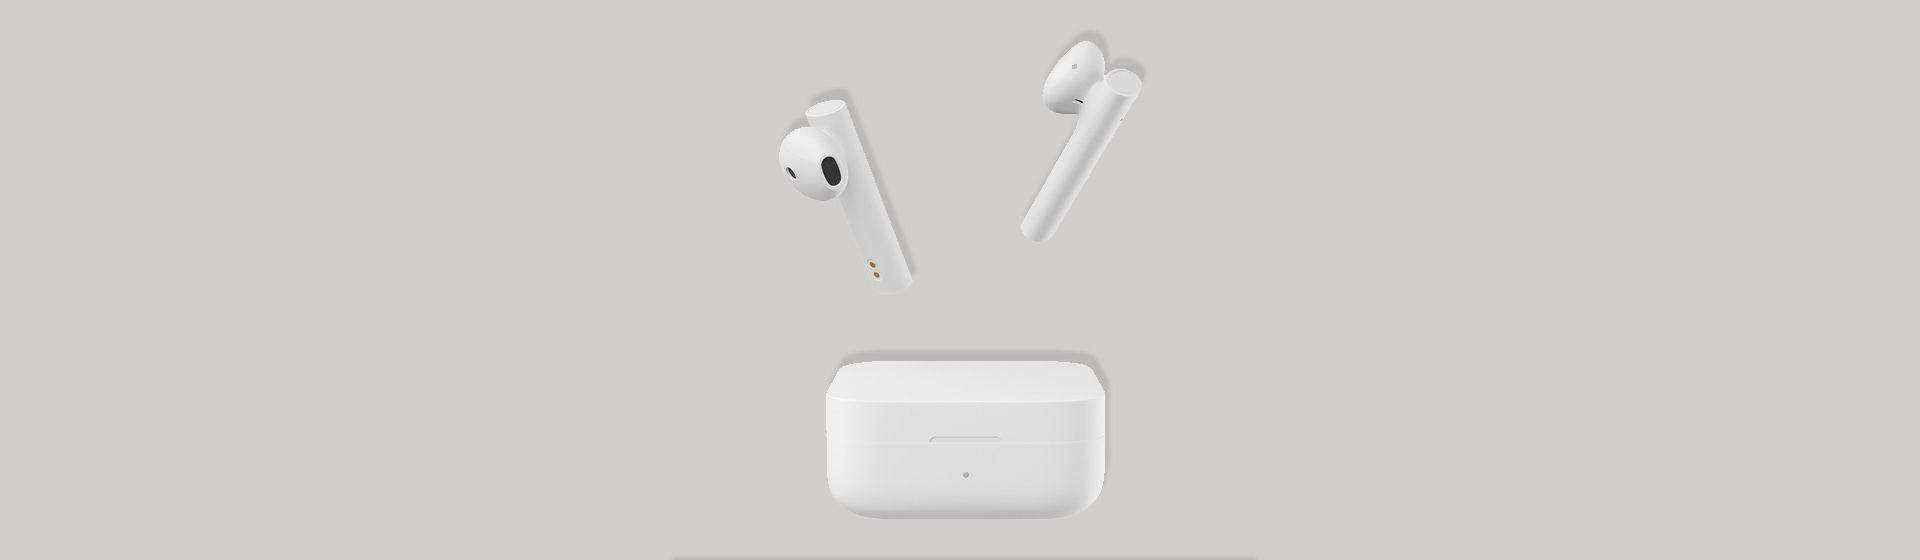 Xiaomi lança Mi AirDots 2 SE, versão mais básica e barata dos fones sem fio